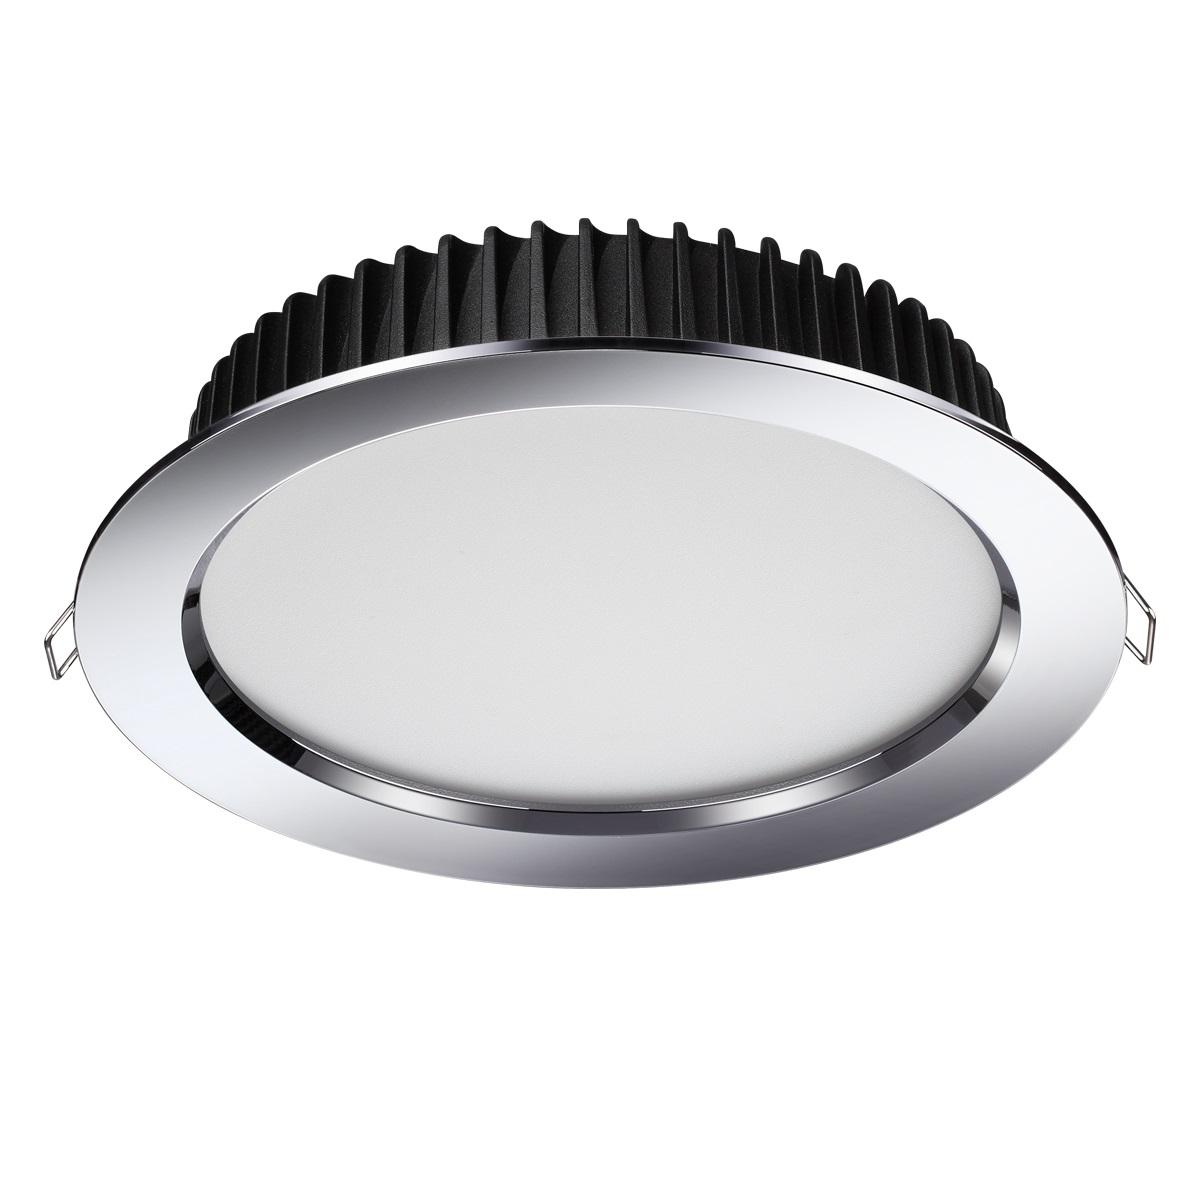 Светильник Novotech 358307 Spot (Драйвер в комплект не входит)